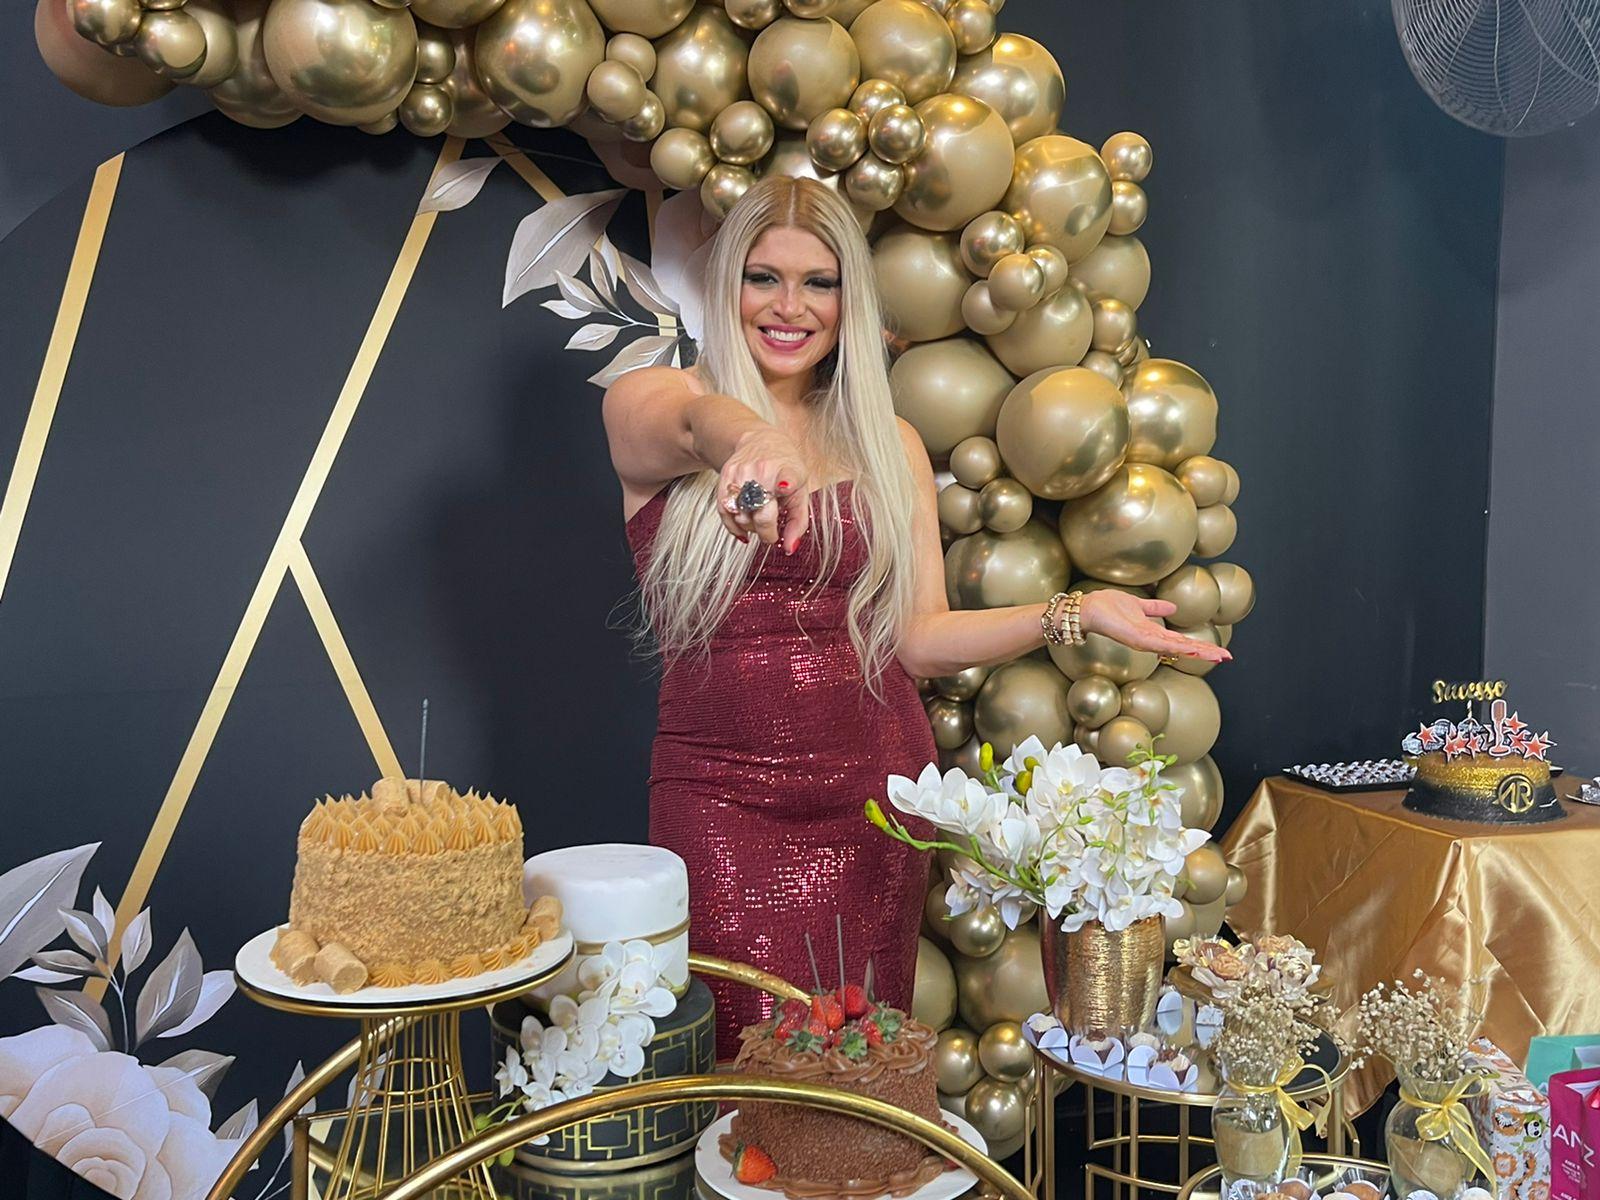 Cantora Adryana Ribeiro celebra aniversário em show, rodeada de amigos famosos e namorado